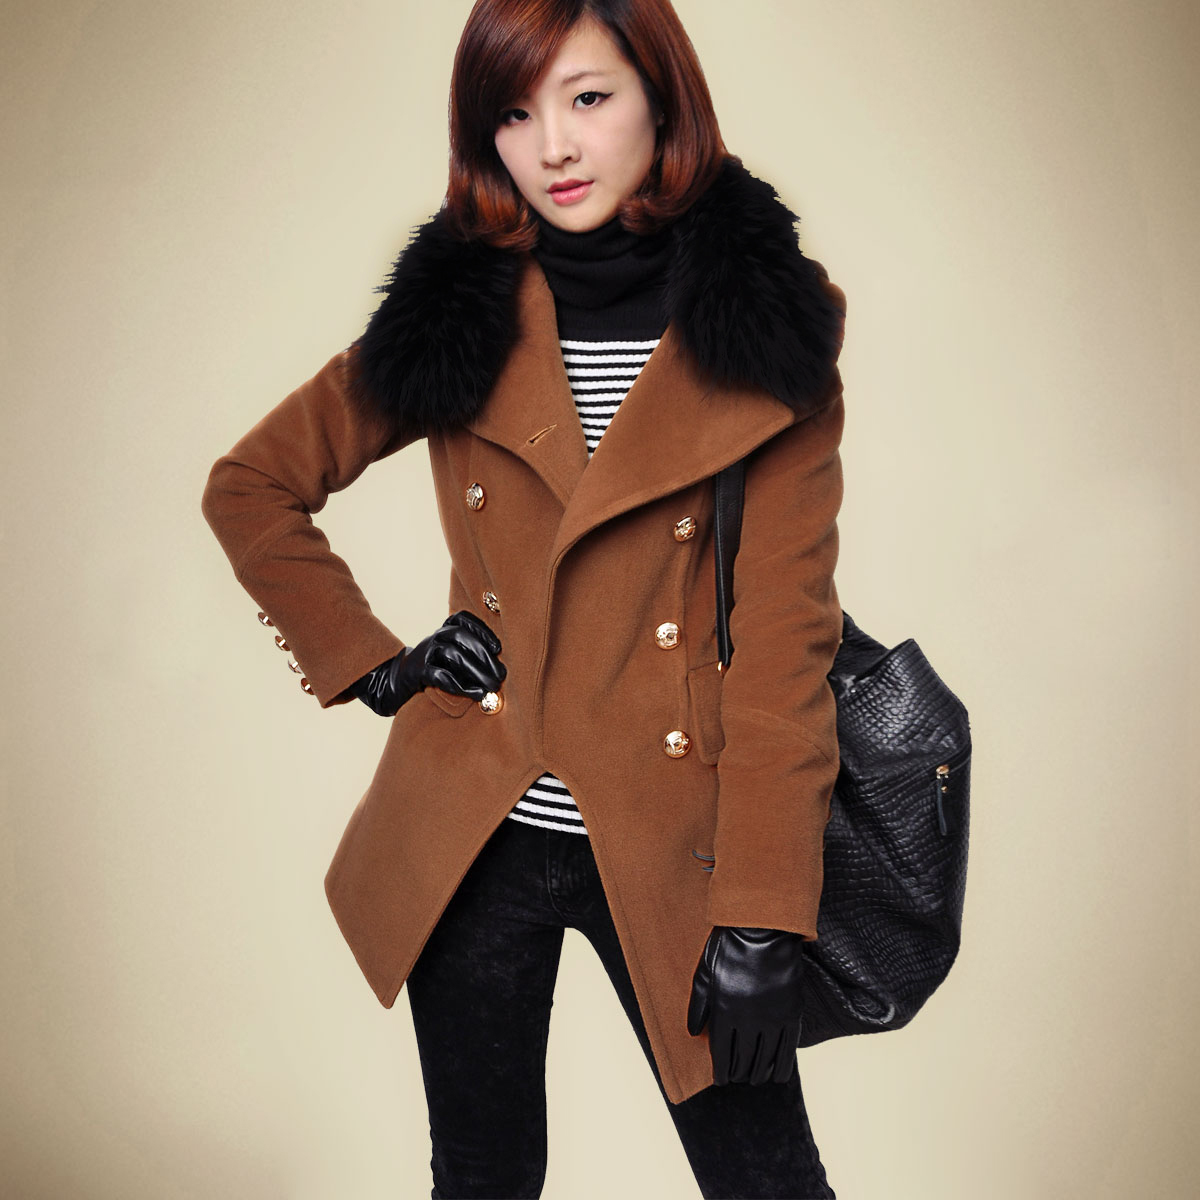 пальто с меховым воротником, как выбрать пальто с меховым воротником, как ухаживать за меховым воротником